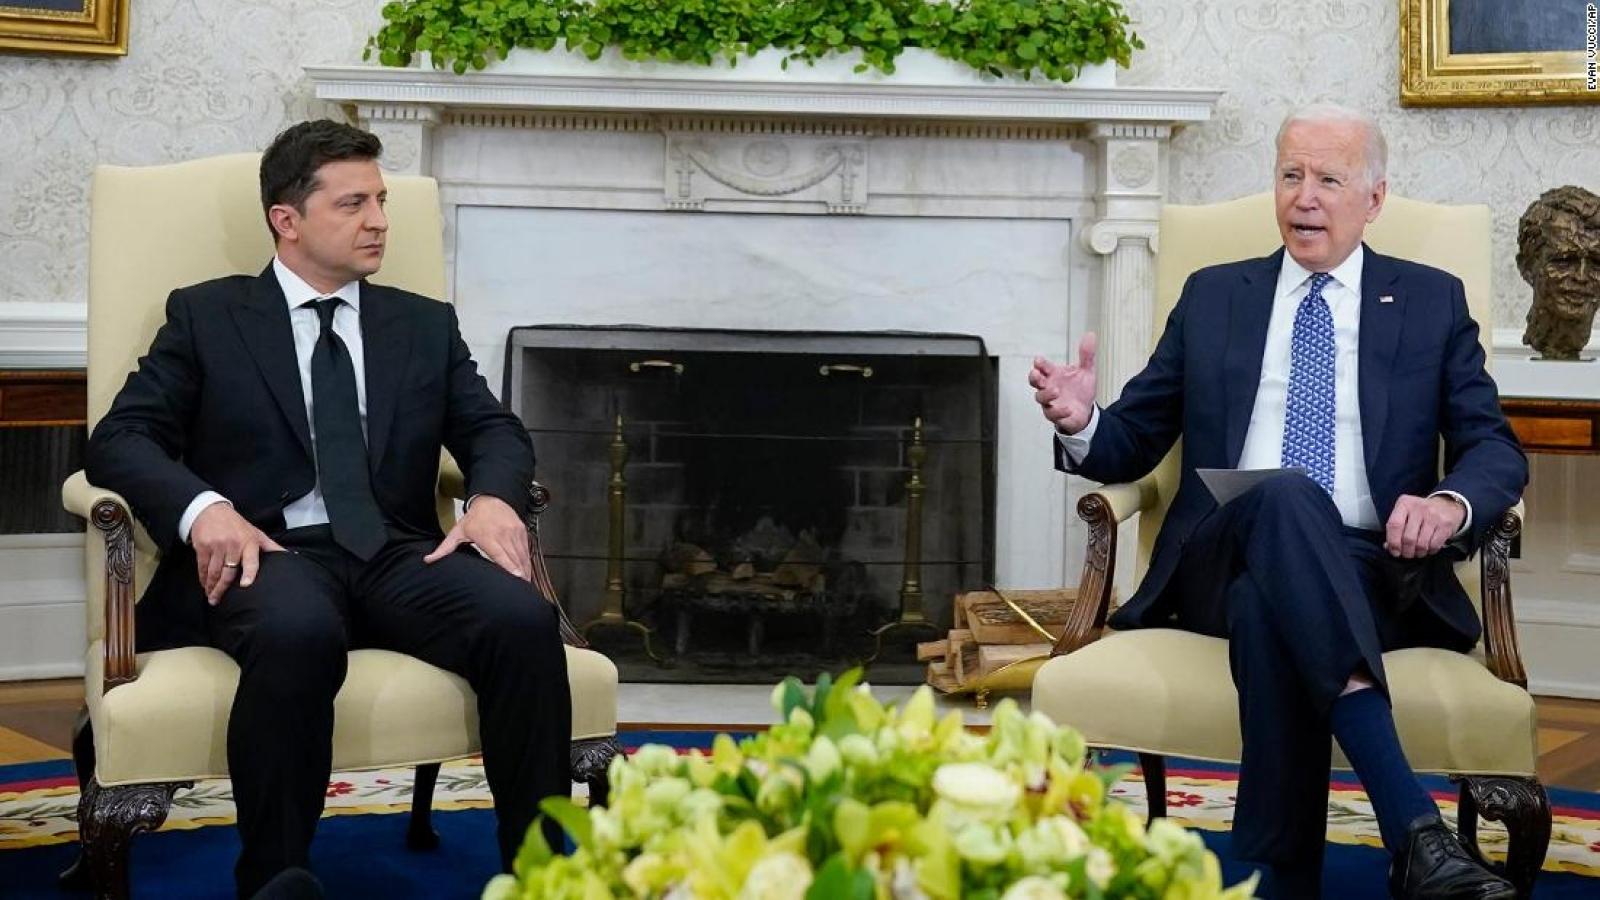 Mỹ hỗ trợ an ninh 60 triệu USD cho Ukraine để đối phó với Nga